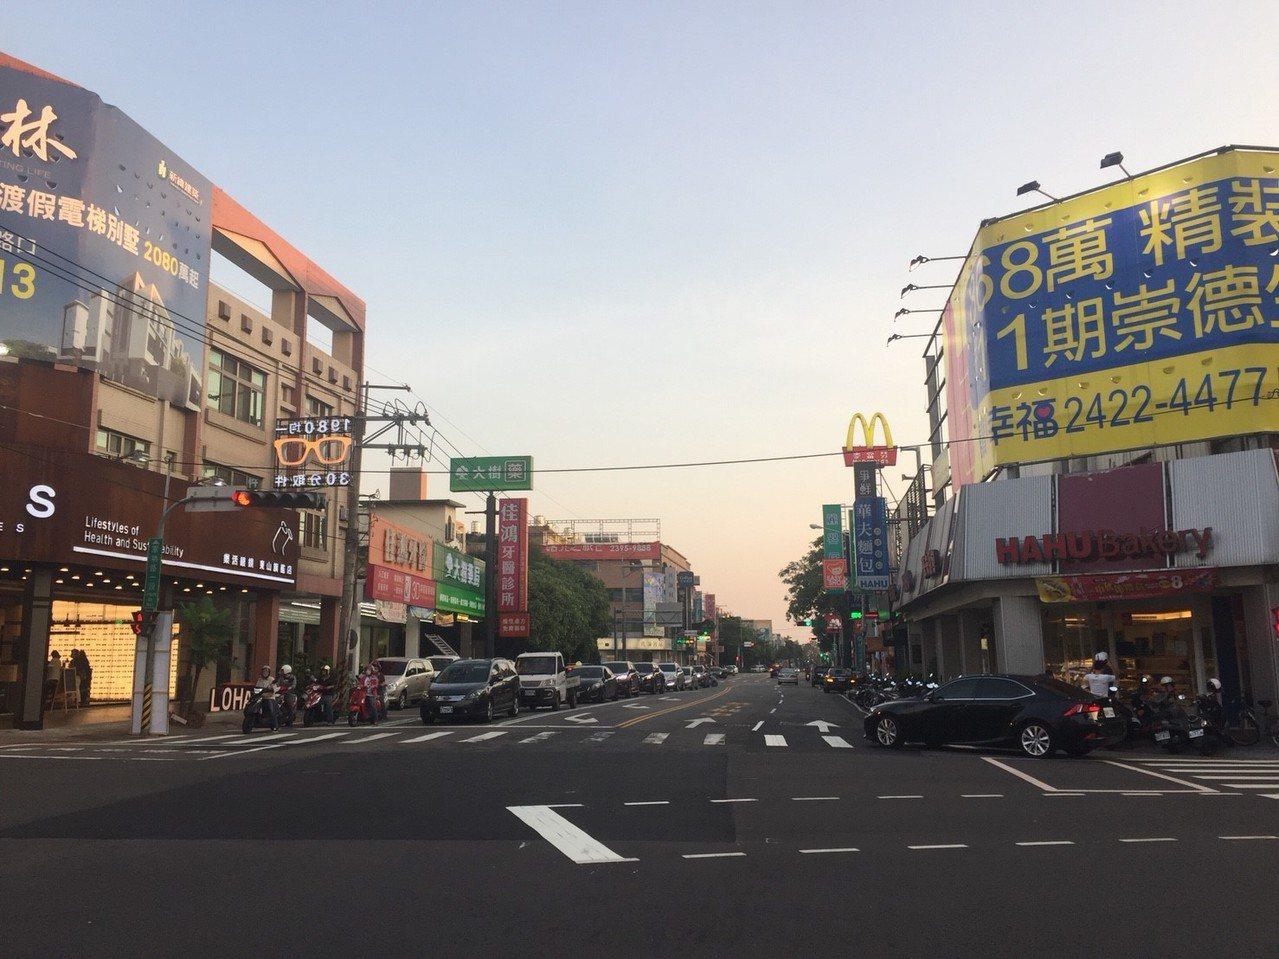 台中北屯區街景 有巢氏房屋提供